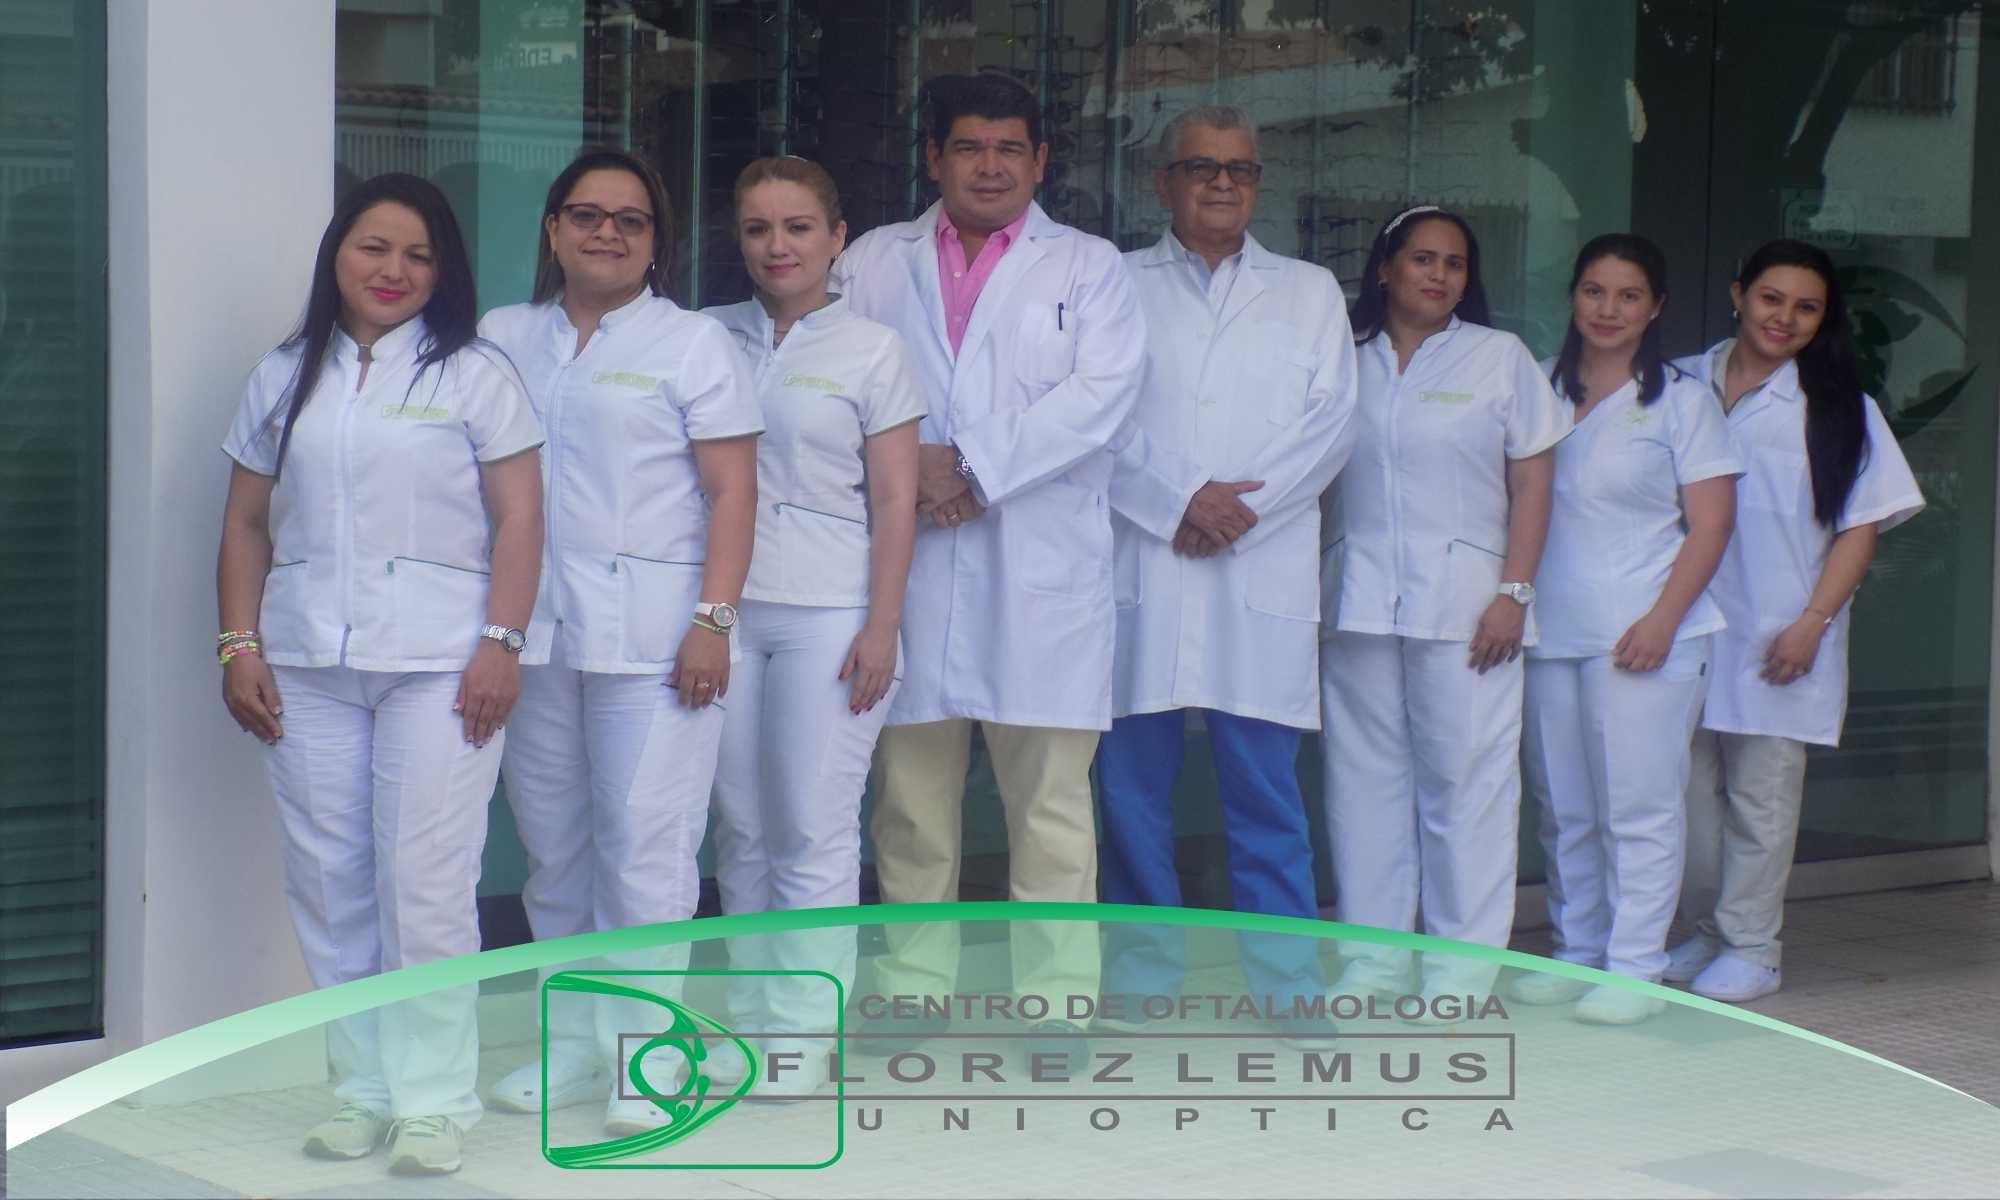 Centro de oftalmologia unioptica Florez Lemus